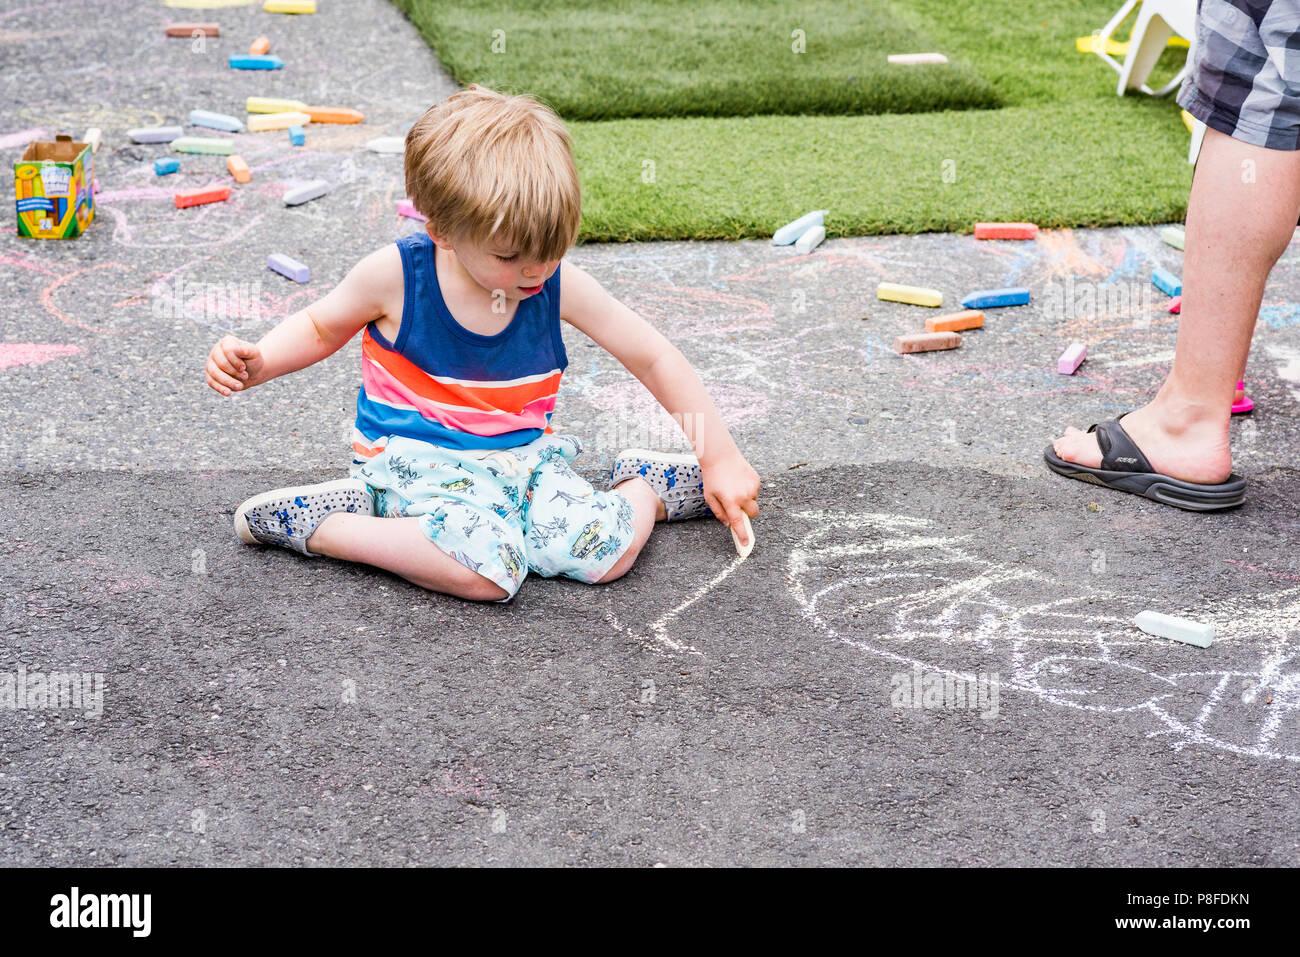 Jeune garçon faisant dessin à la craie sur le trottoir Banque D'Images